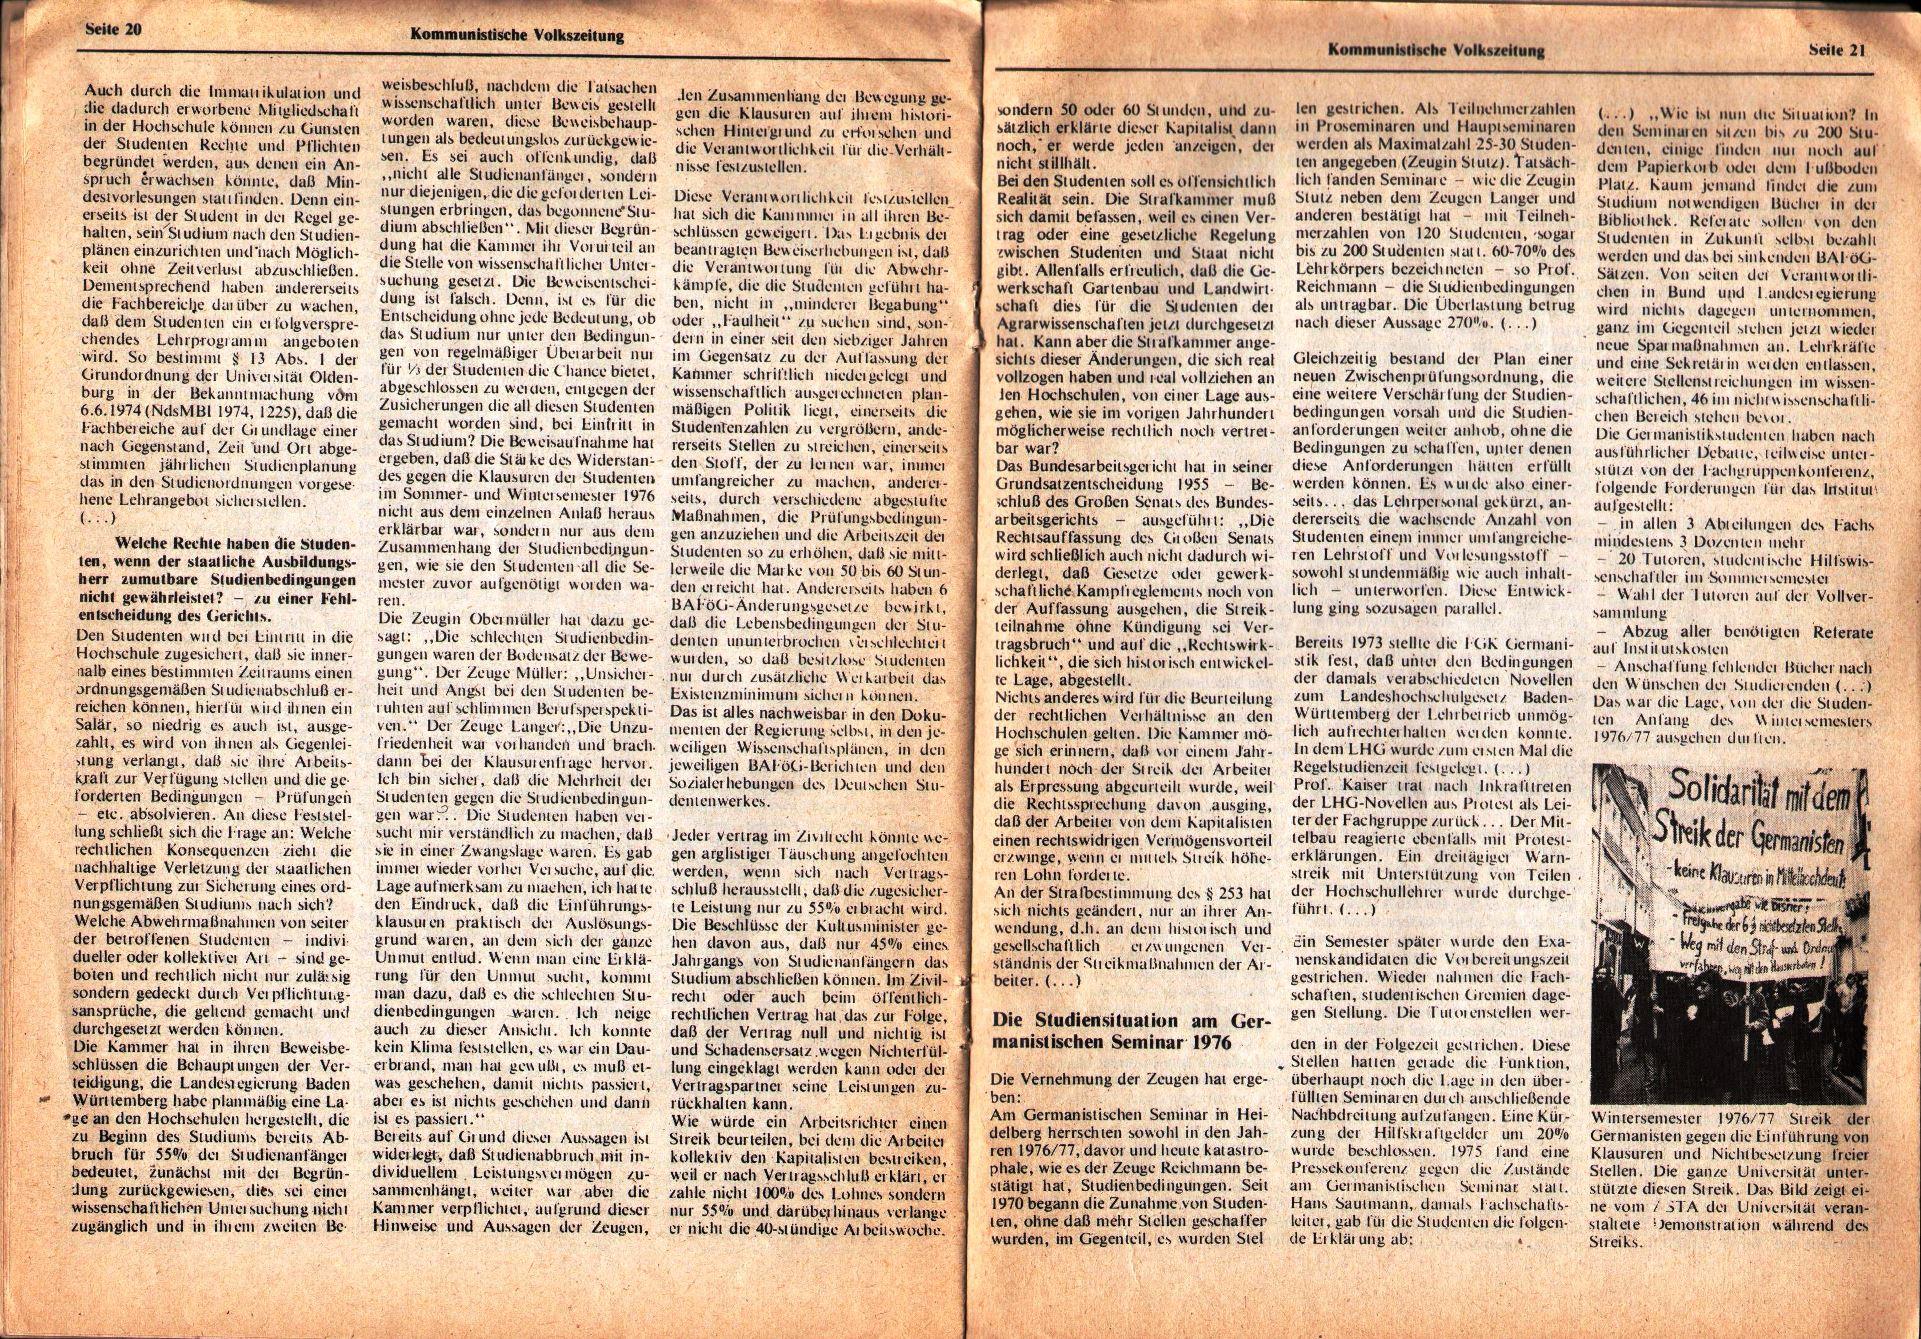 Heidelberg_KHG_1980_Germanistenprozess011